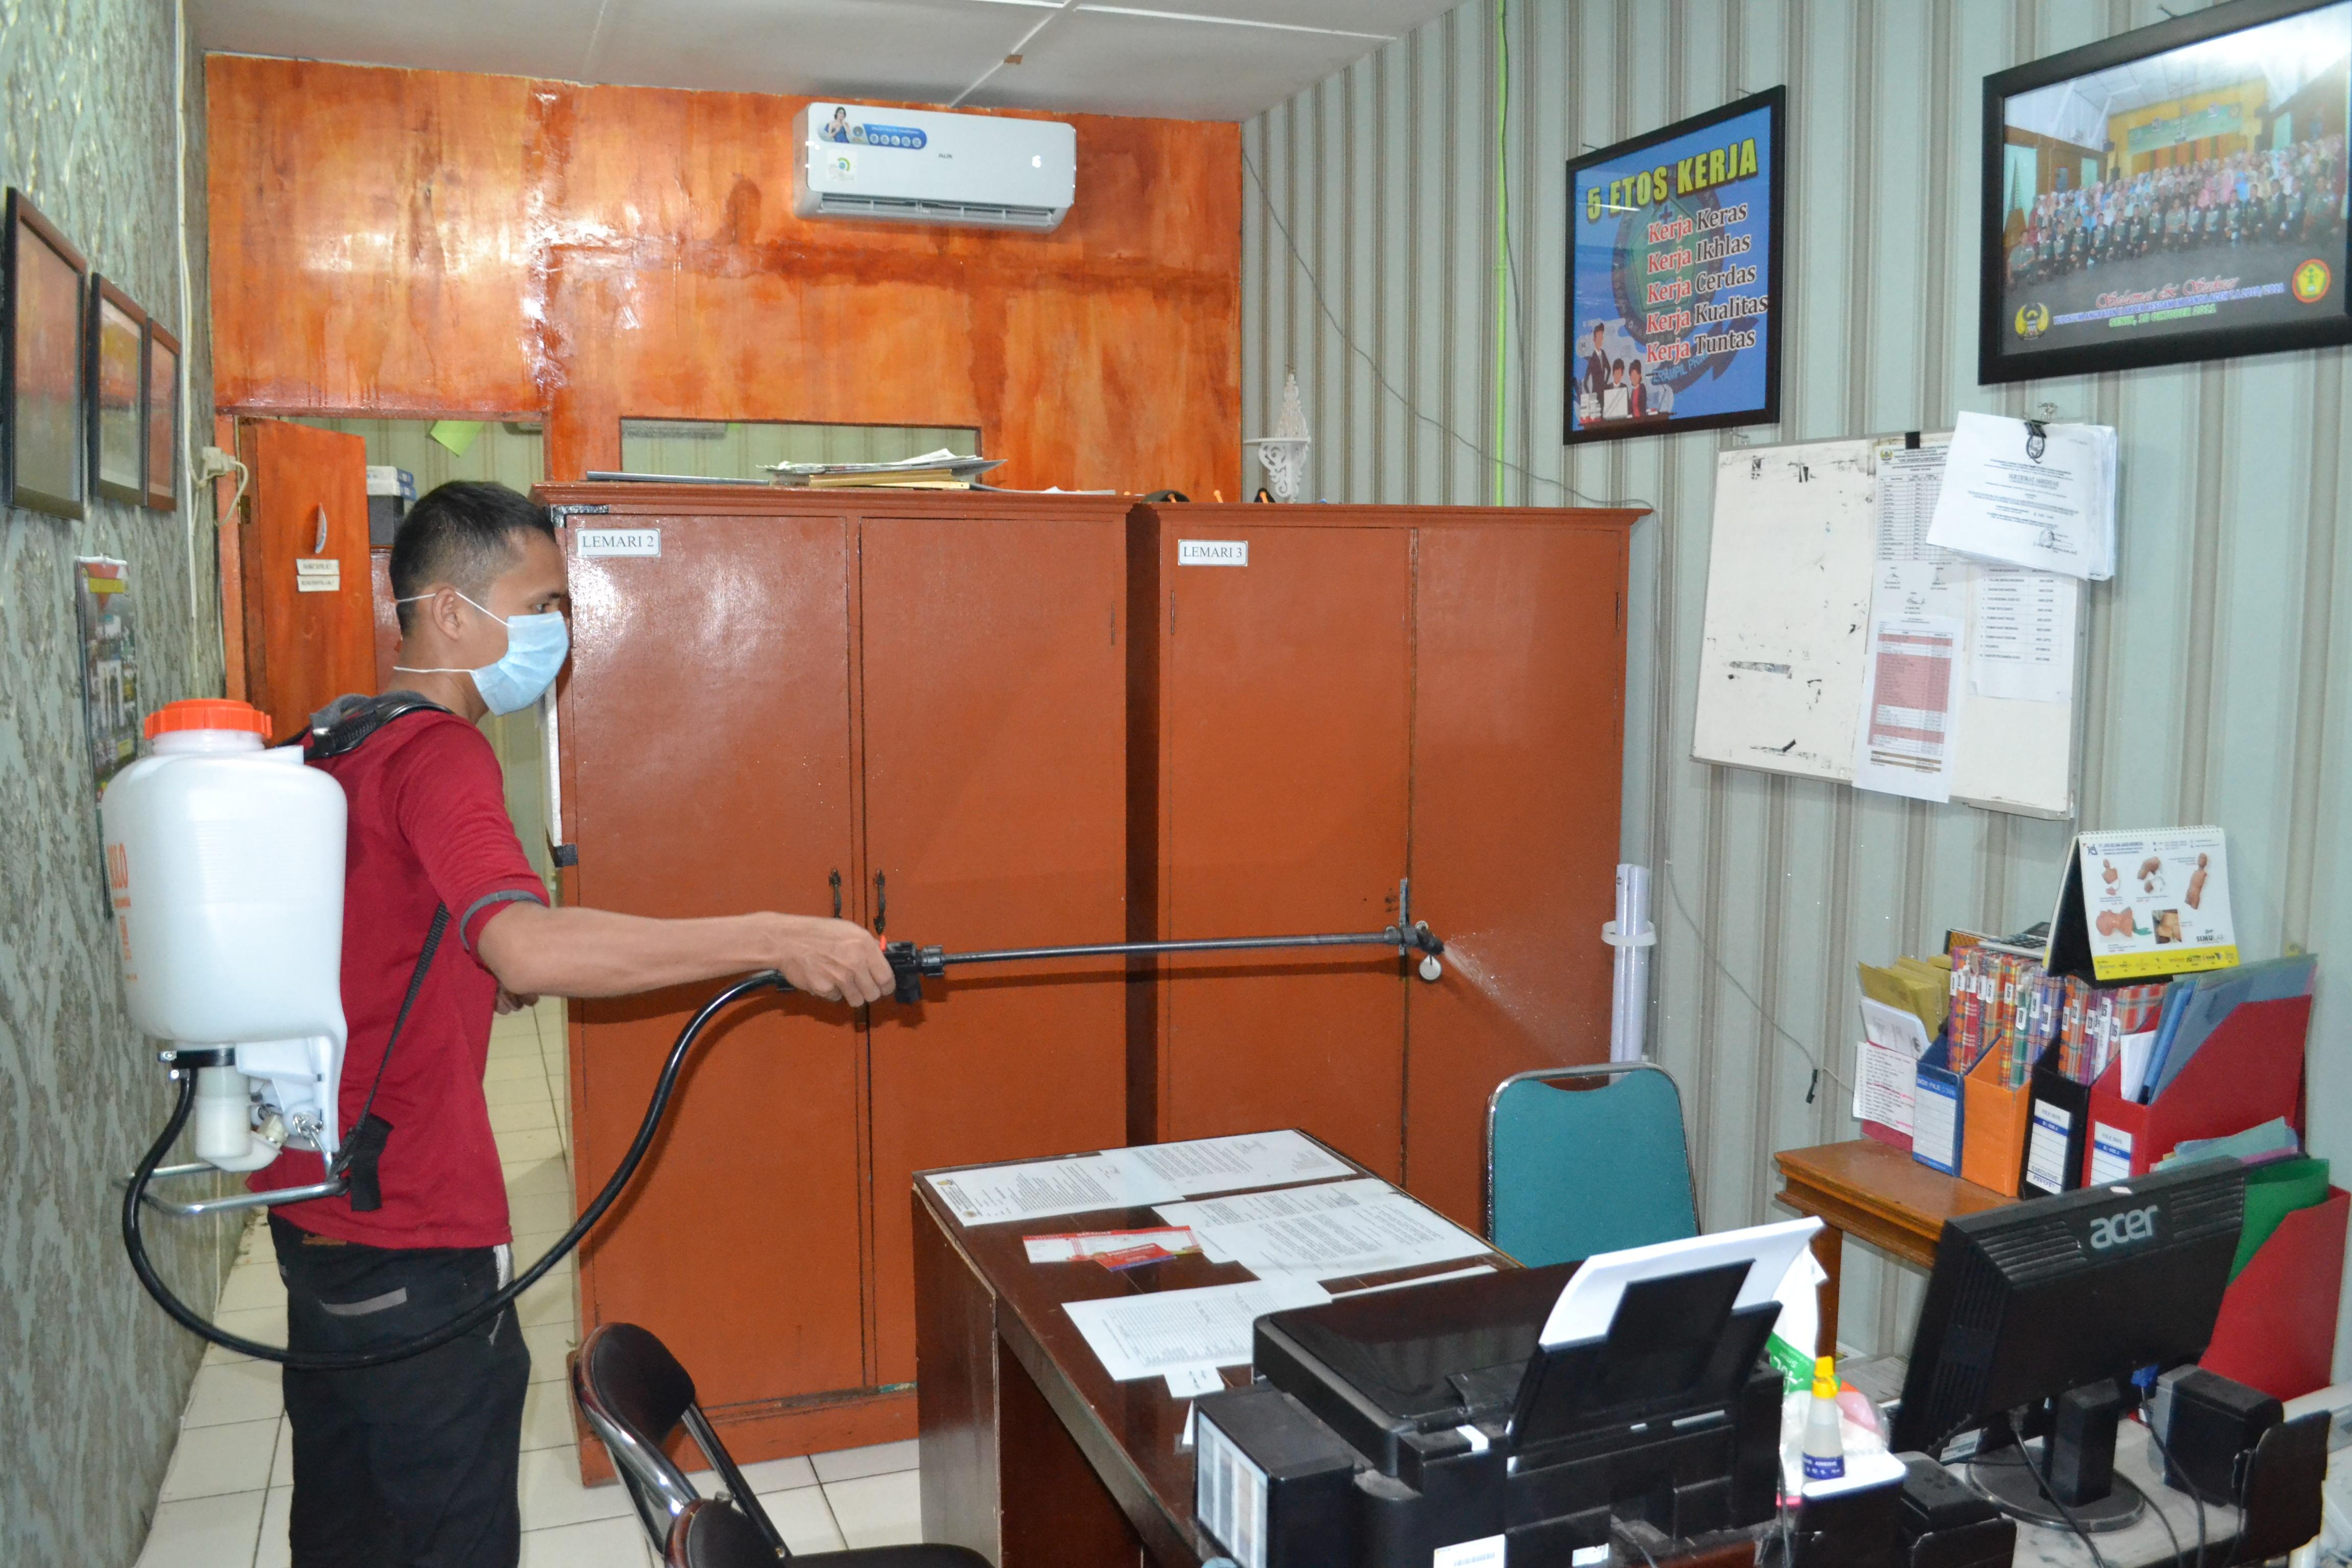 Cegah Covid-19, Akper Kesdam IM Banda Aceh Lakukan Penyemprotan Cairan Disinfektan